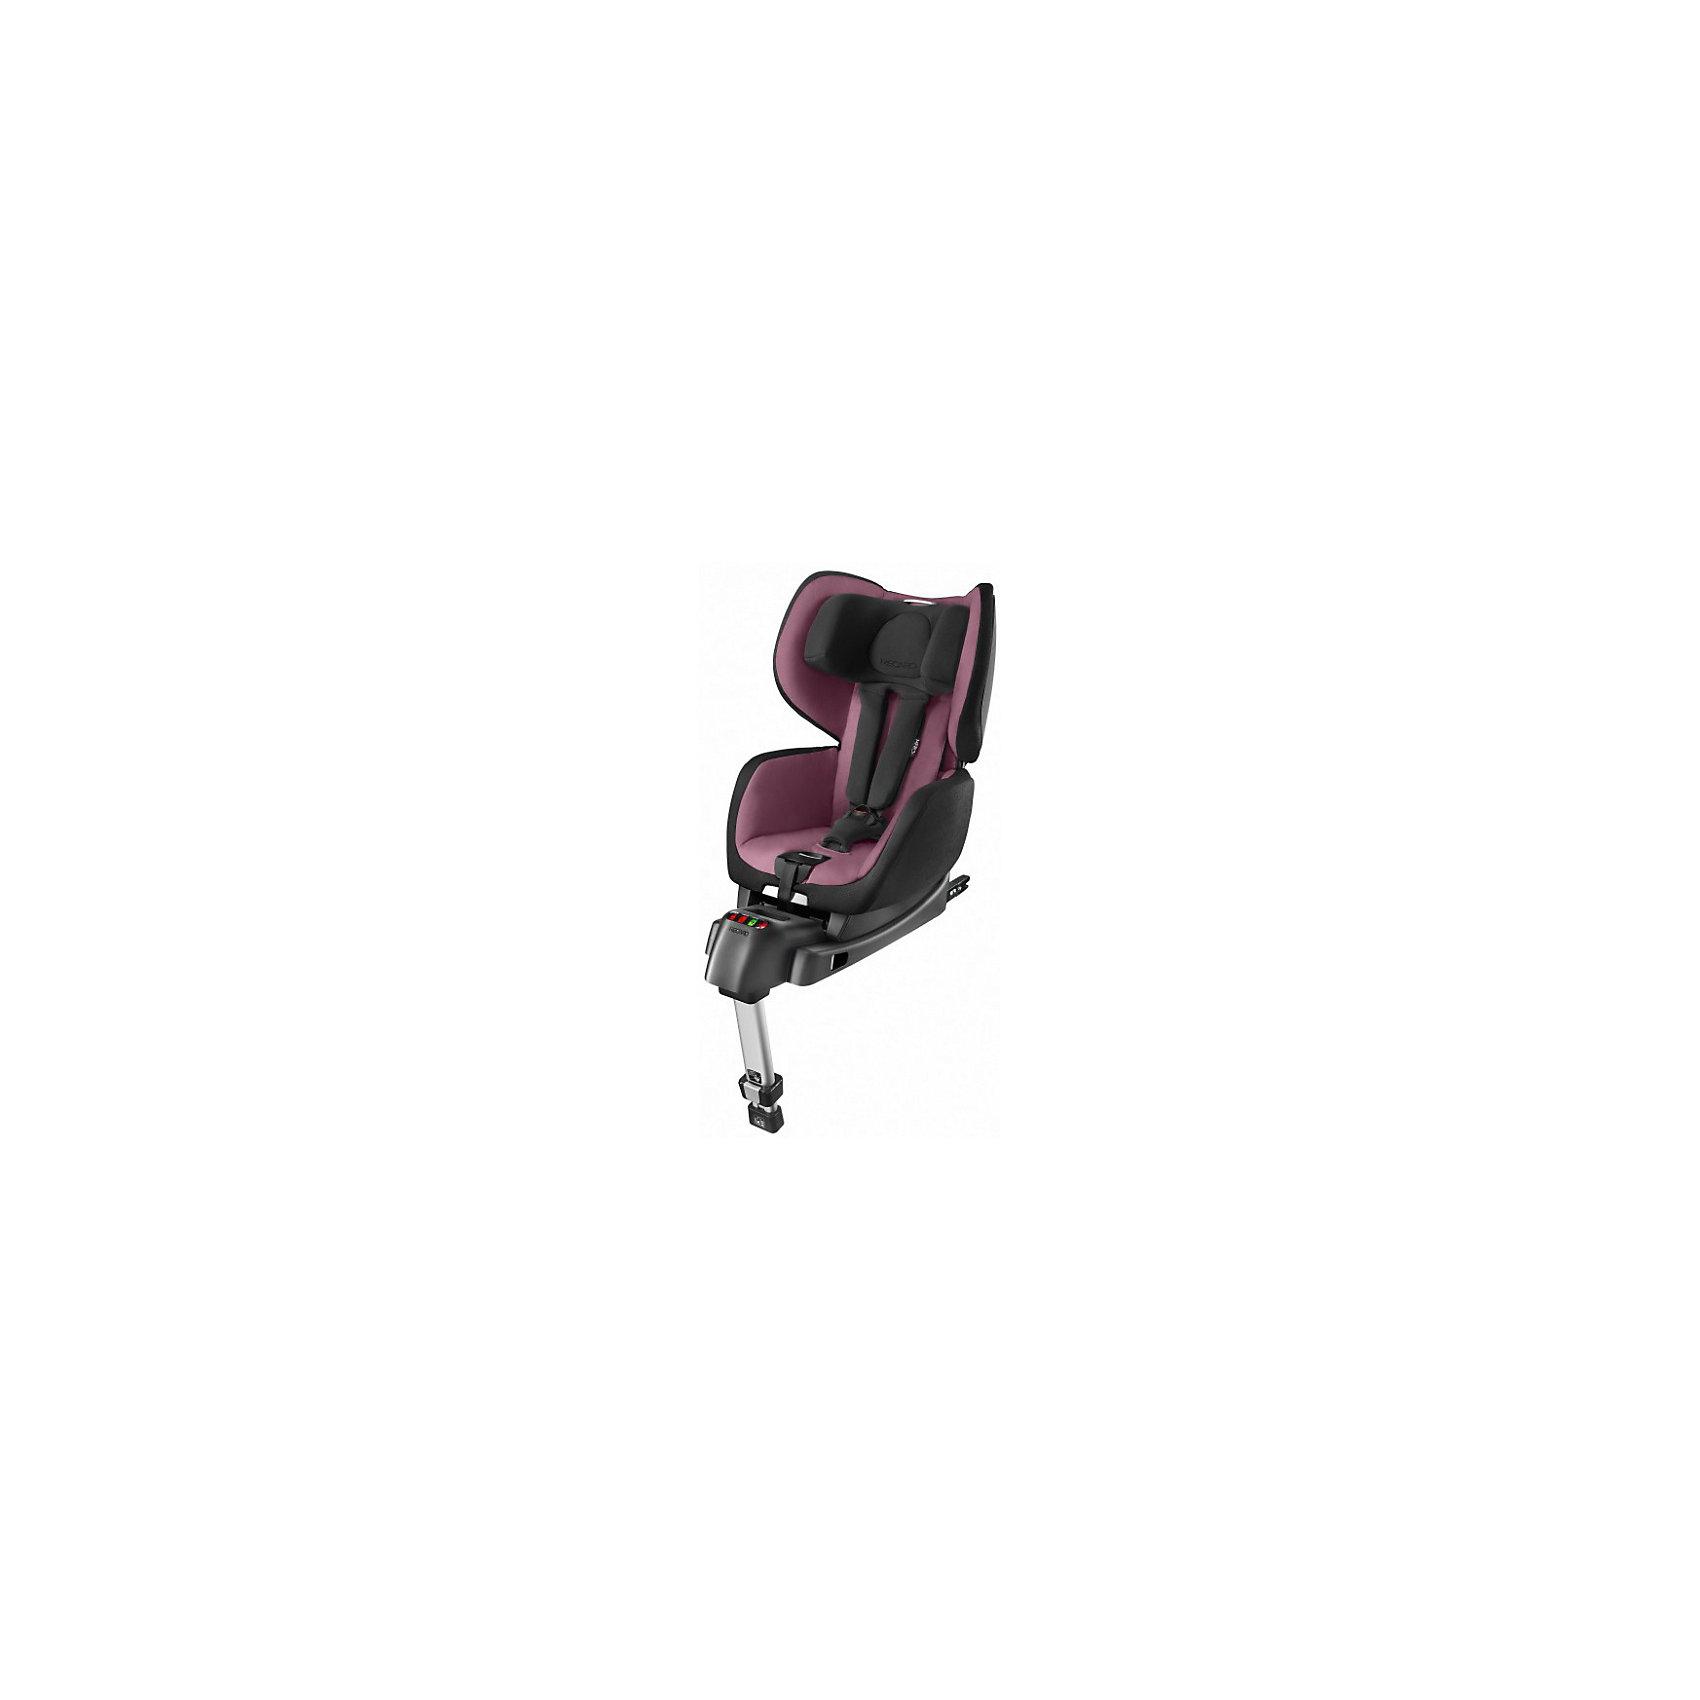 Автокресло OptiaFix,  9-18 кг, Recaro, violetАвтокресло OptiaFix,  9-18 кг, Recaro, violet – надежное сиденье для детей от года до четырех лет.<br>Усиленная защита от удара ASP, а также боковая вставка поможет защитить голову малыша от удара. Кресло с плечевыми опорами препятствует скручиванию ремней, поэтому ребенок не будет травмирован при резком торможении. Пятиточечная система ремней безопасности с мягкими накладками. Чехлы можно снять и постирать в машинке. Автокресло устанавливается лицом по ходу движения с помощью базы IsoFix и дополнительного упора в пол. Спинку можно наклонять вместе с обычным креслом, чтобы ребенок мог поспать. <br><br>Дополнительная информация:<br><br>- возрастная группа: от 12 месяцев до 4 лет<br>- вес ребенка: от 9 до 18 кг<br>- вес кресла: 17,4 кг<br>- размер: 70 х 44 х 69 см<br><br>Автокресло OptiaFix,  9-18 кг, Recaro, violet можно купить в нашем интернет магазине.<br><br>Ширина мм: 690<br>Глубина мм: 440<br>Высота мм: 700<br>Вес г: 17400<br>Возраст от месяцев: 9<br>Возраст до месяцев: 540<br>Пол: Унисекс<br>Возраст: Детский<br>SKU: 4999101